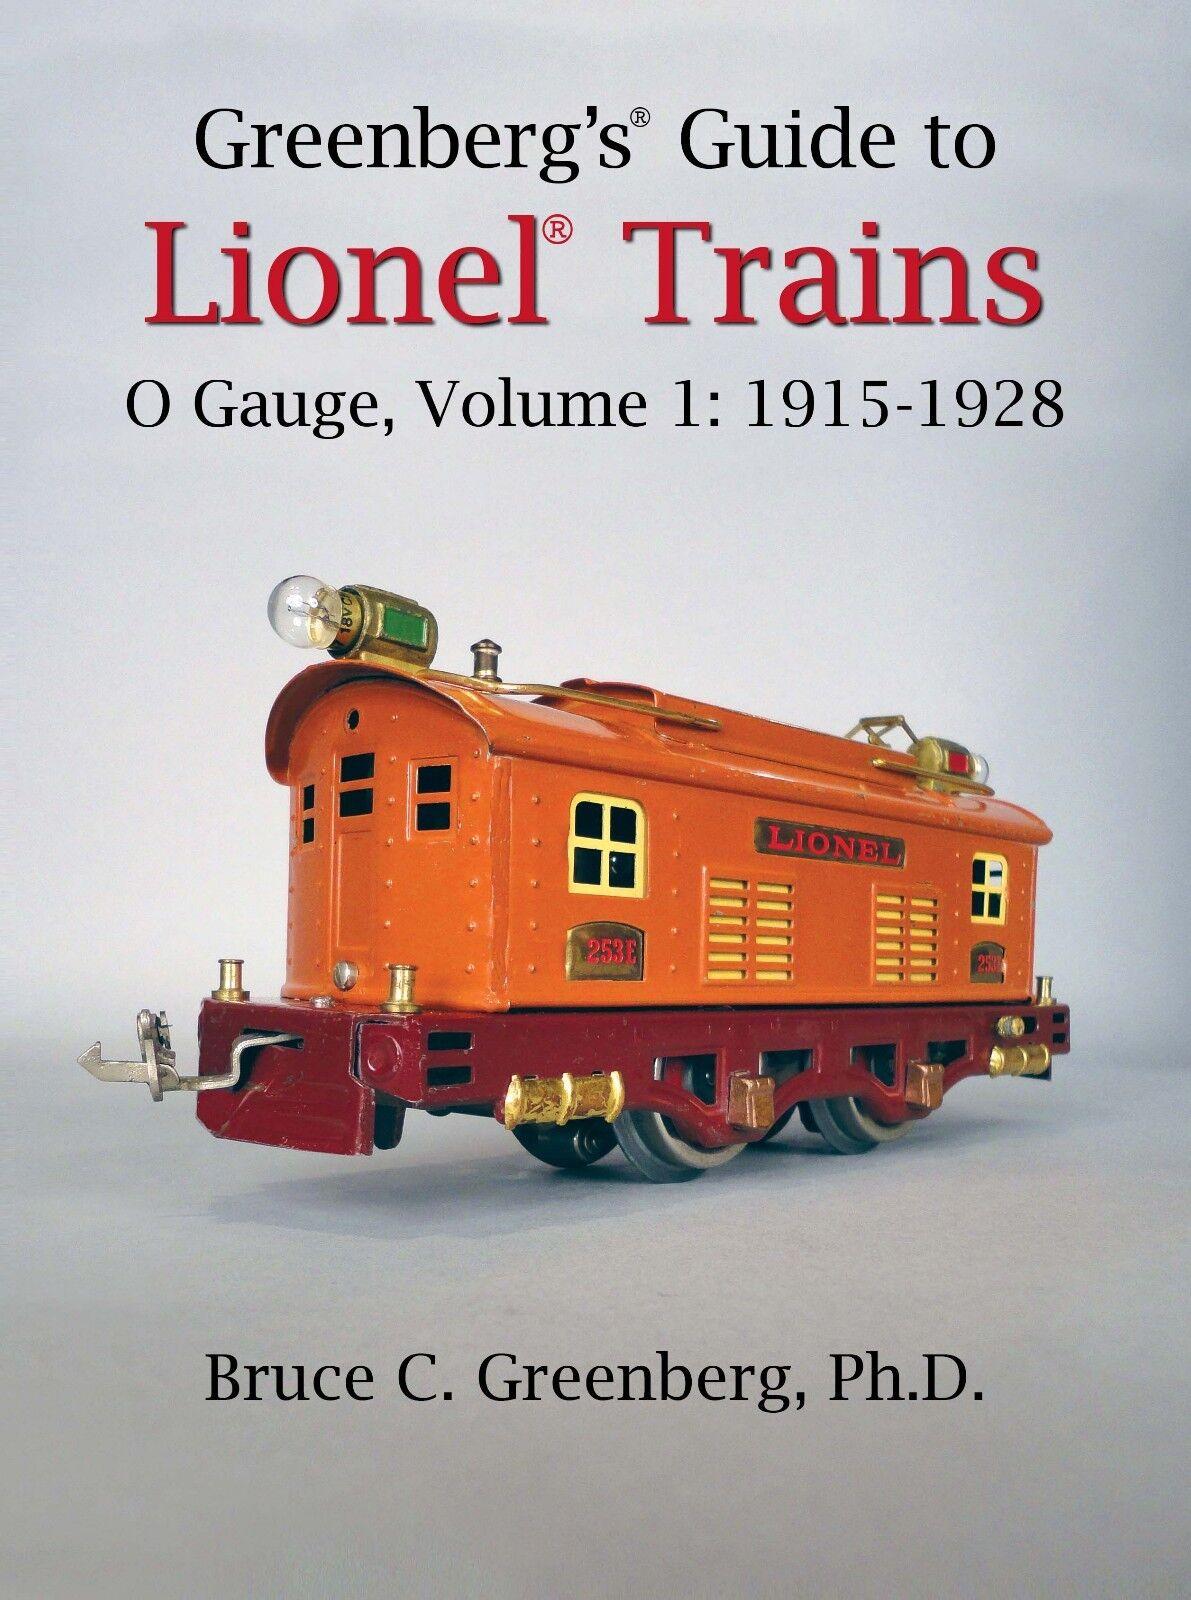 verdeberg's Guide to Lionel Trains, o calibre, Vol. 1, 1915-1928.